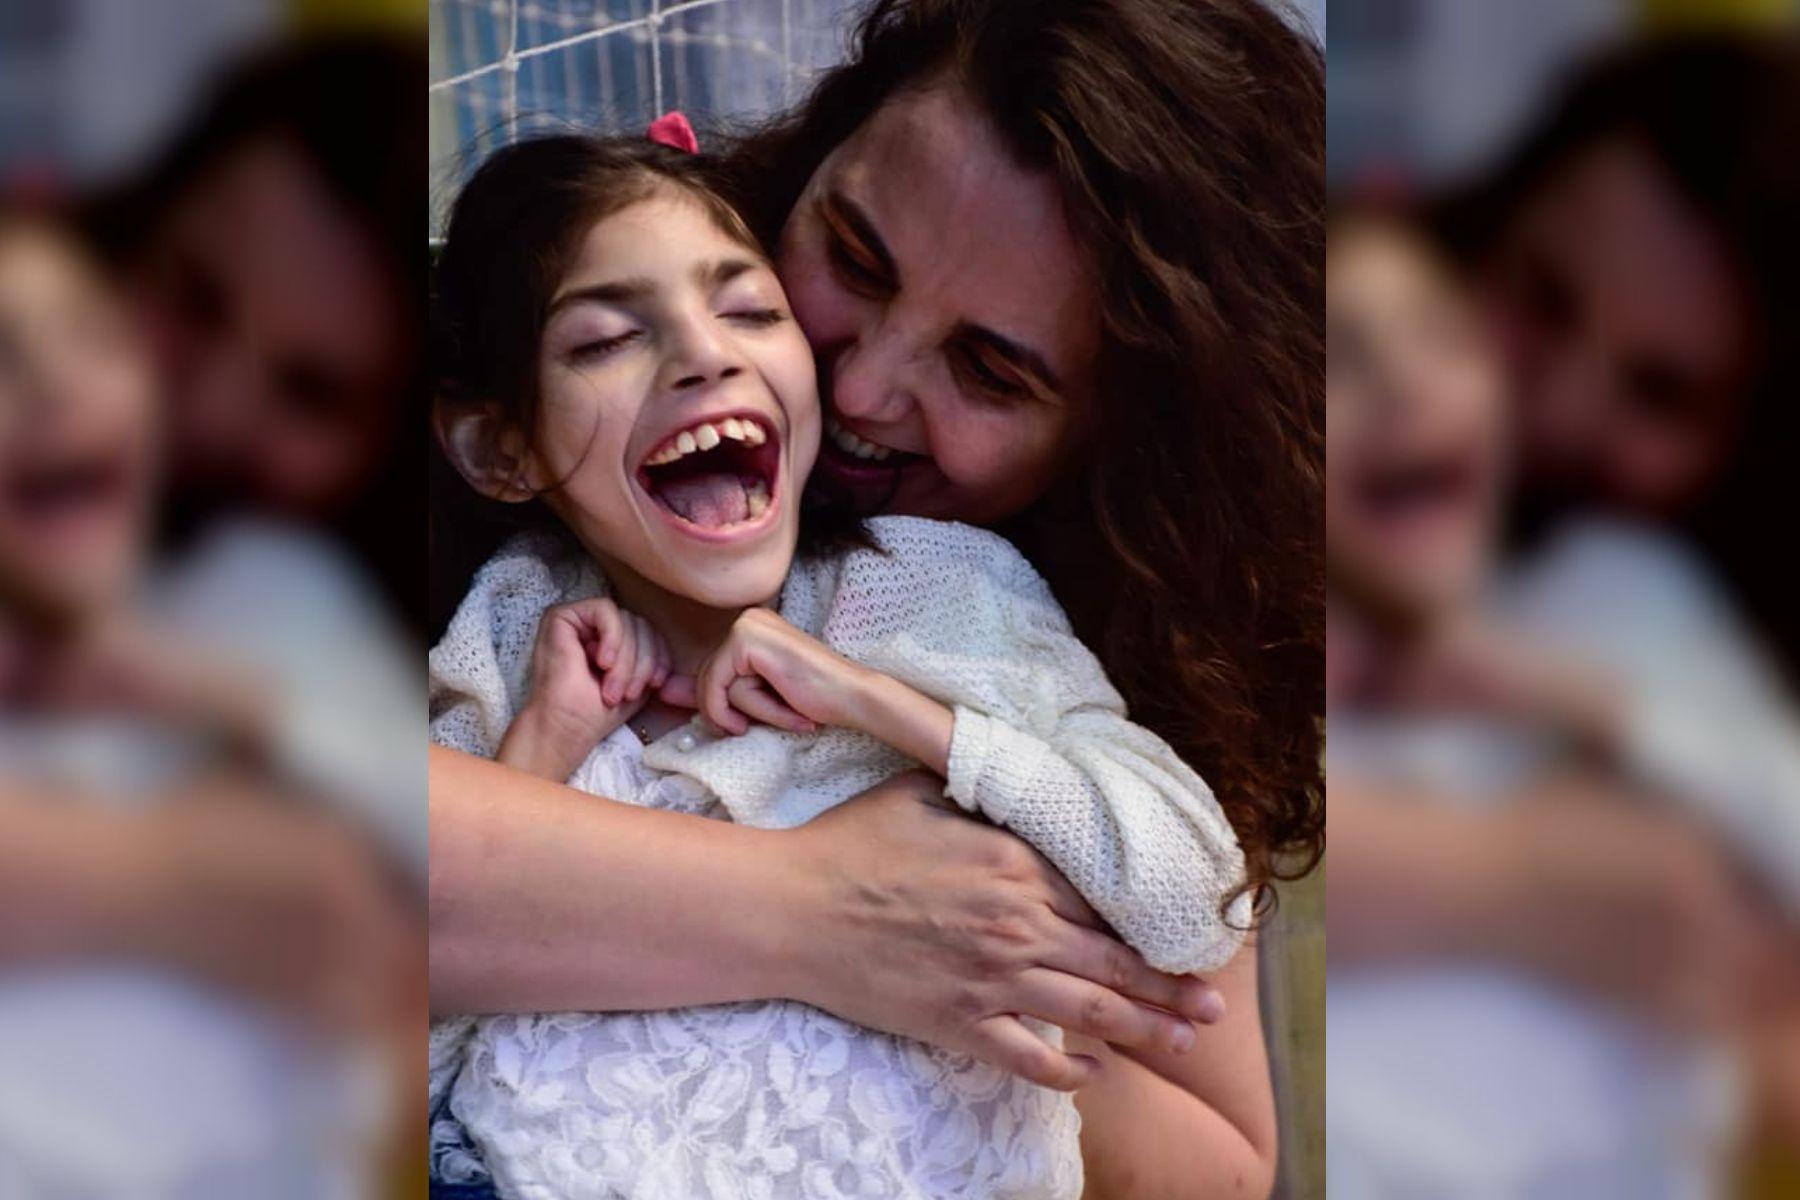 Le robaron el celular con las fotos de su hija muerta y pide que se lo devuelvan